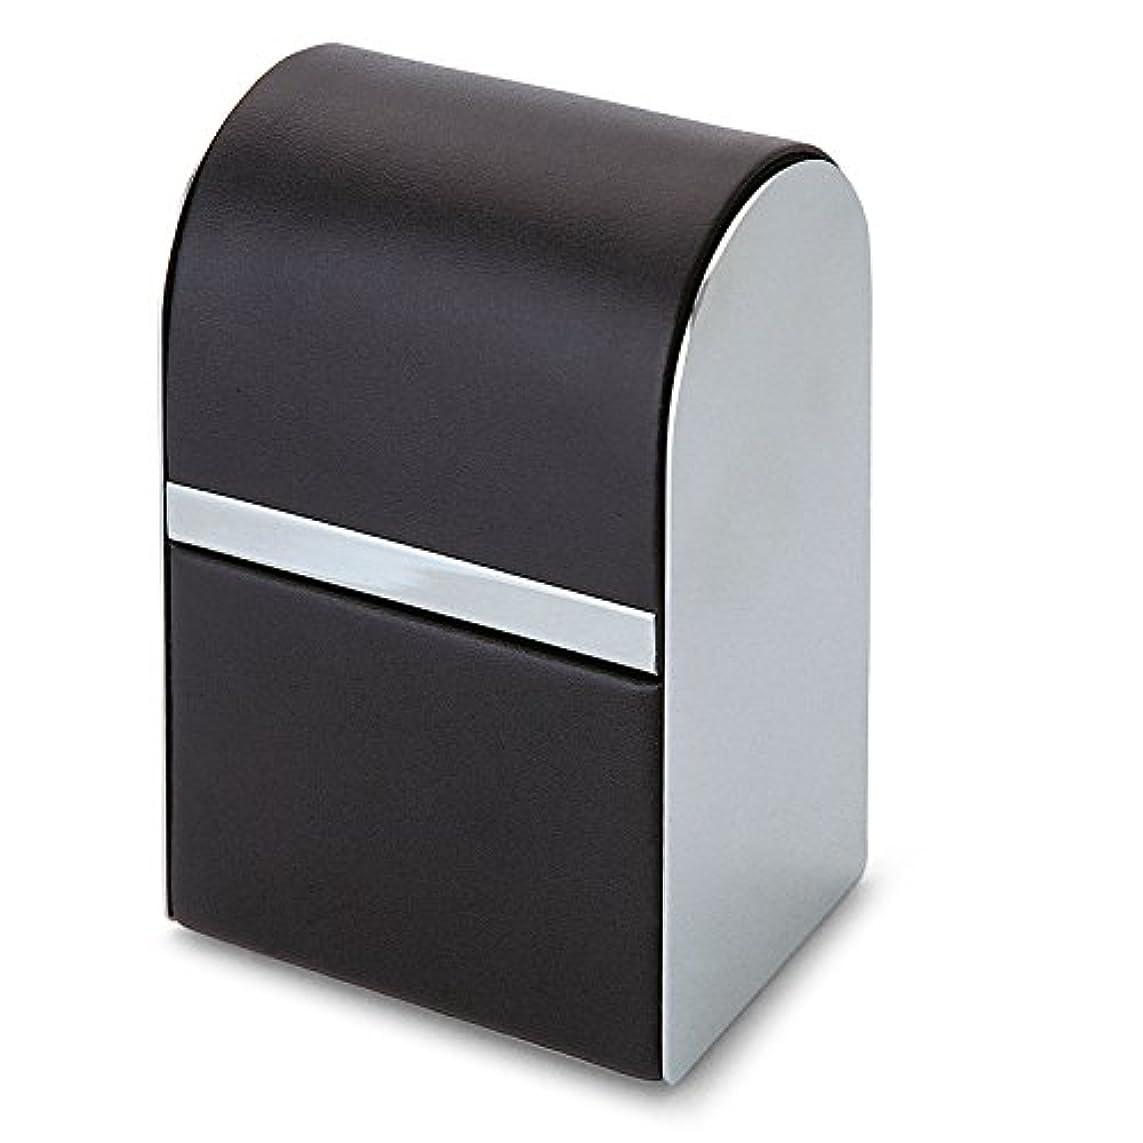 上下する蓋配るPhilippi Giorgio メンズ身だしなみキット 7pcsセット leather stainless polished